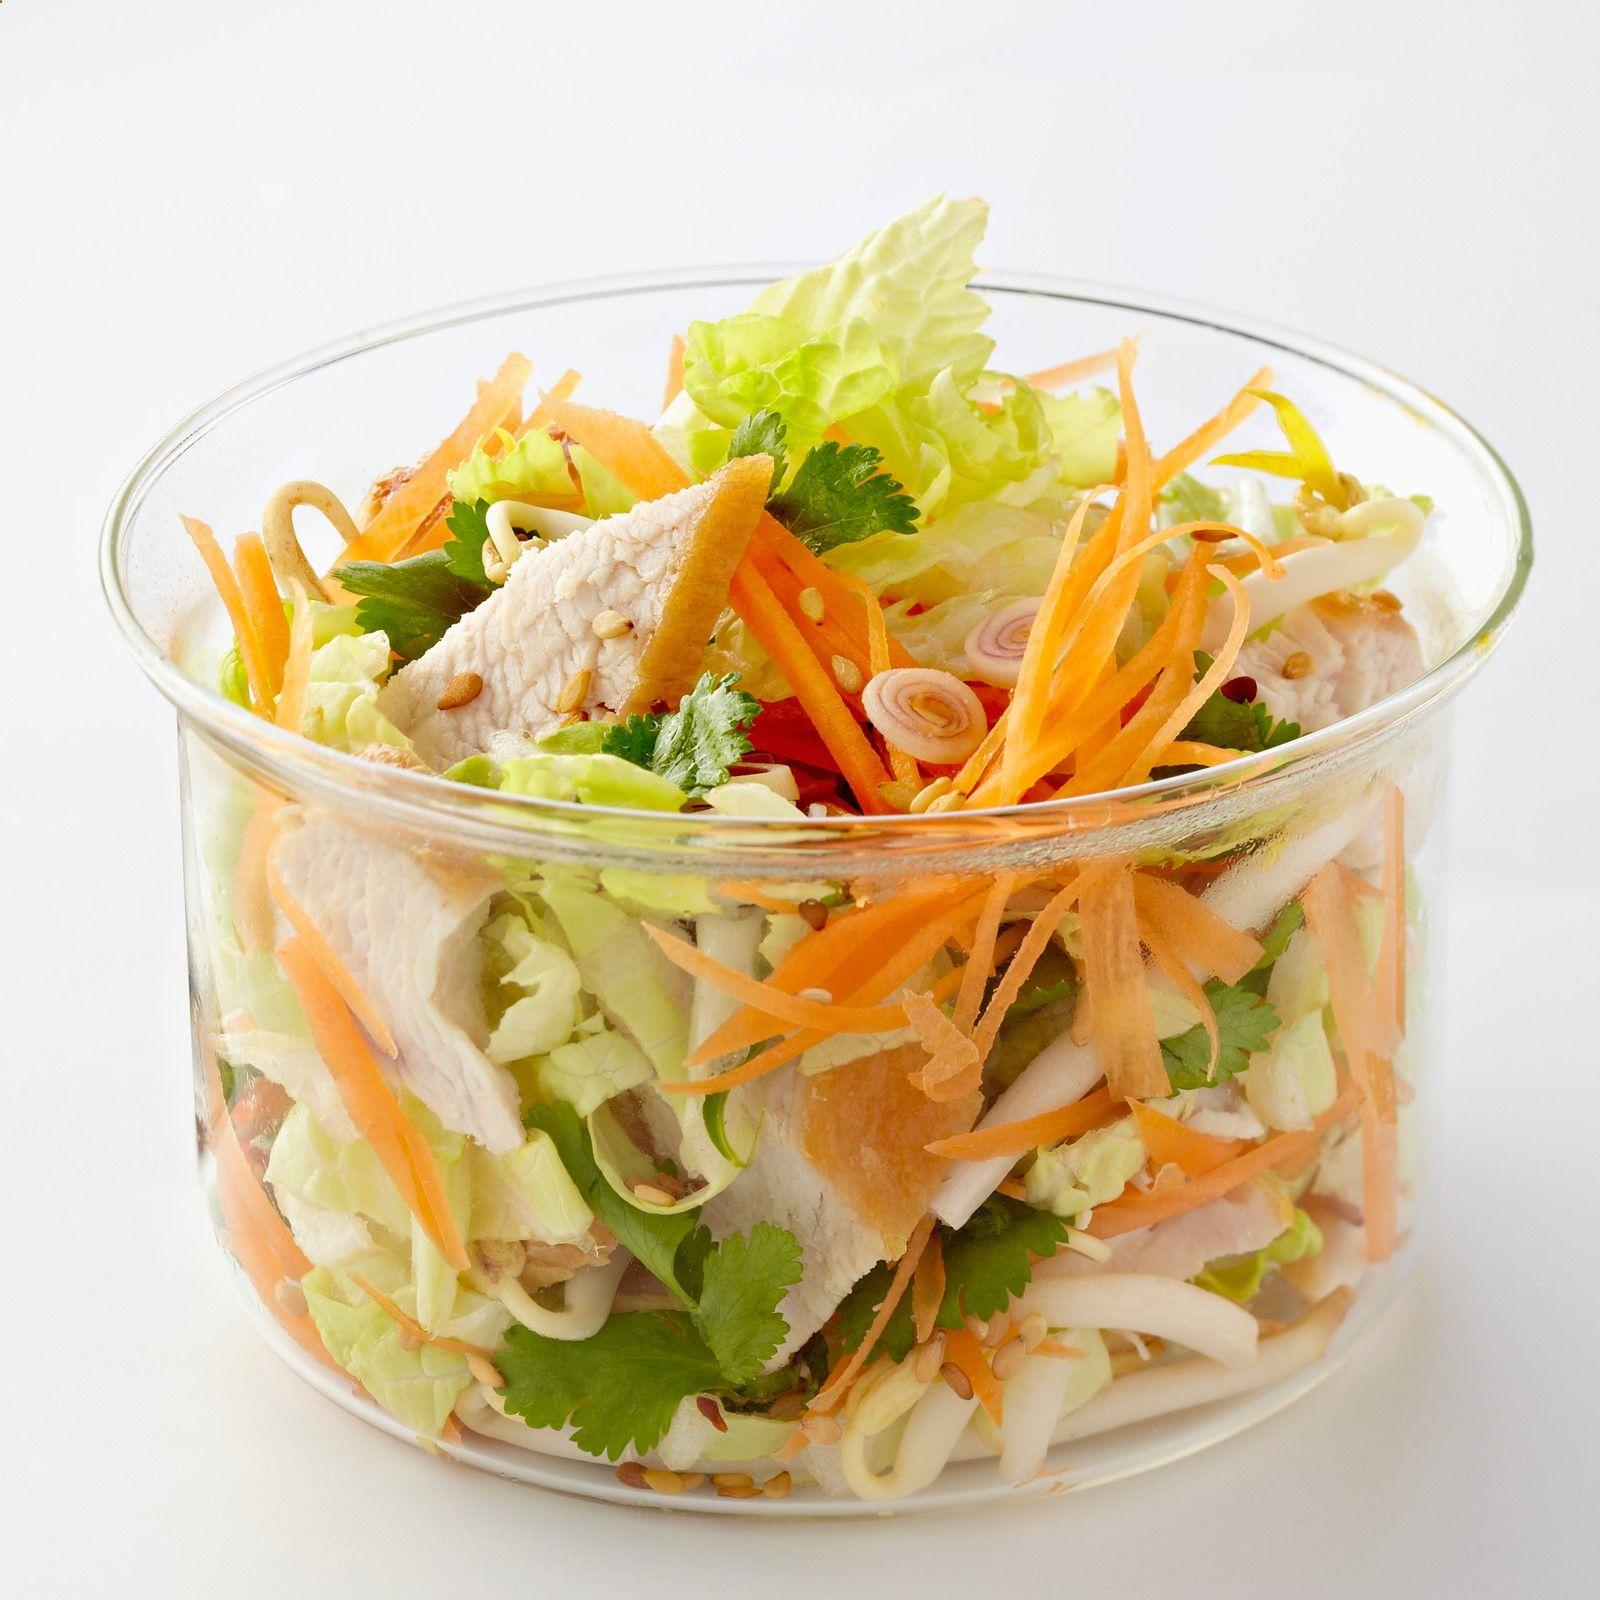 Découvrez La Recette Salade Thaï De Poulet Au Chou Chinois Sur - Cuisine actuelle fr